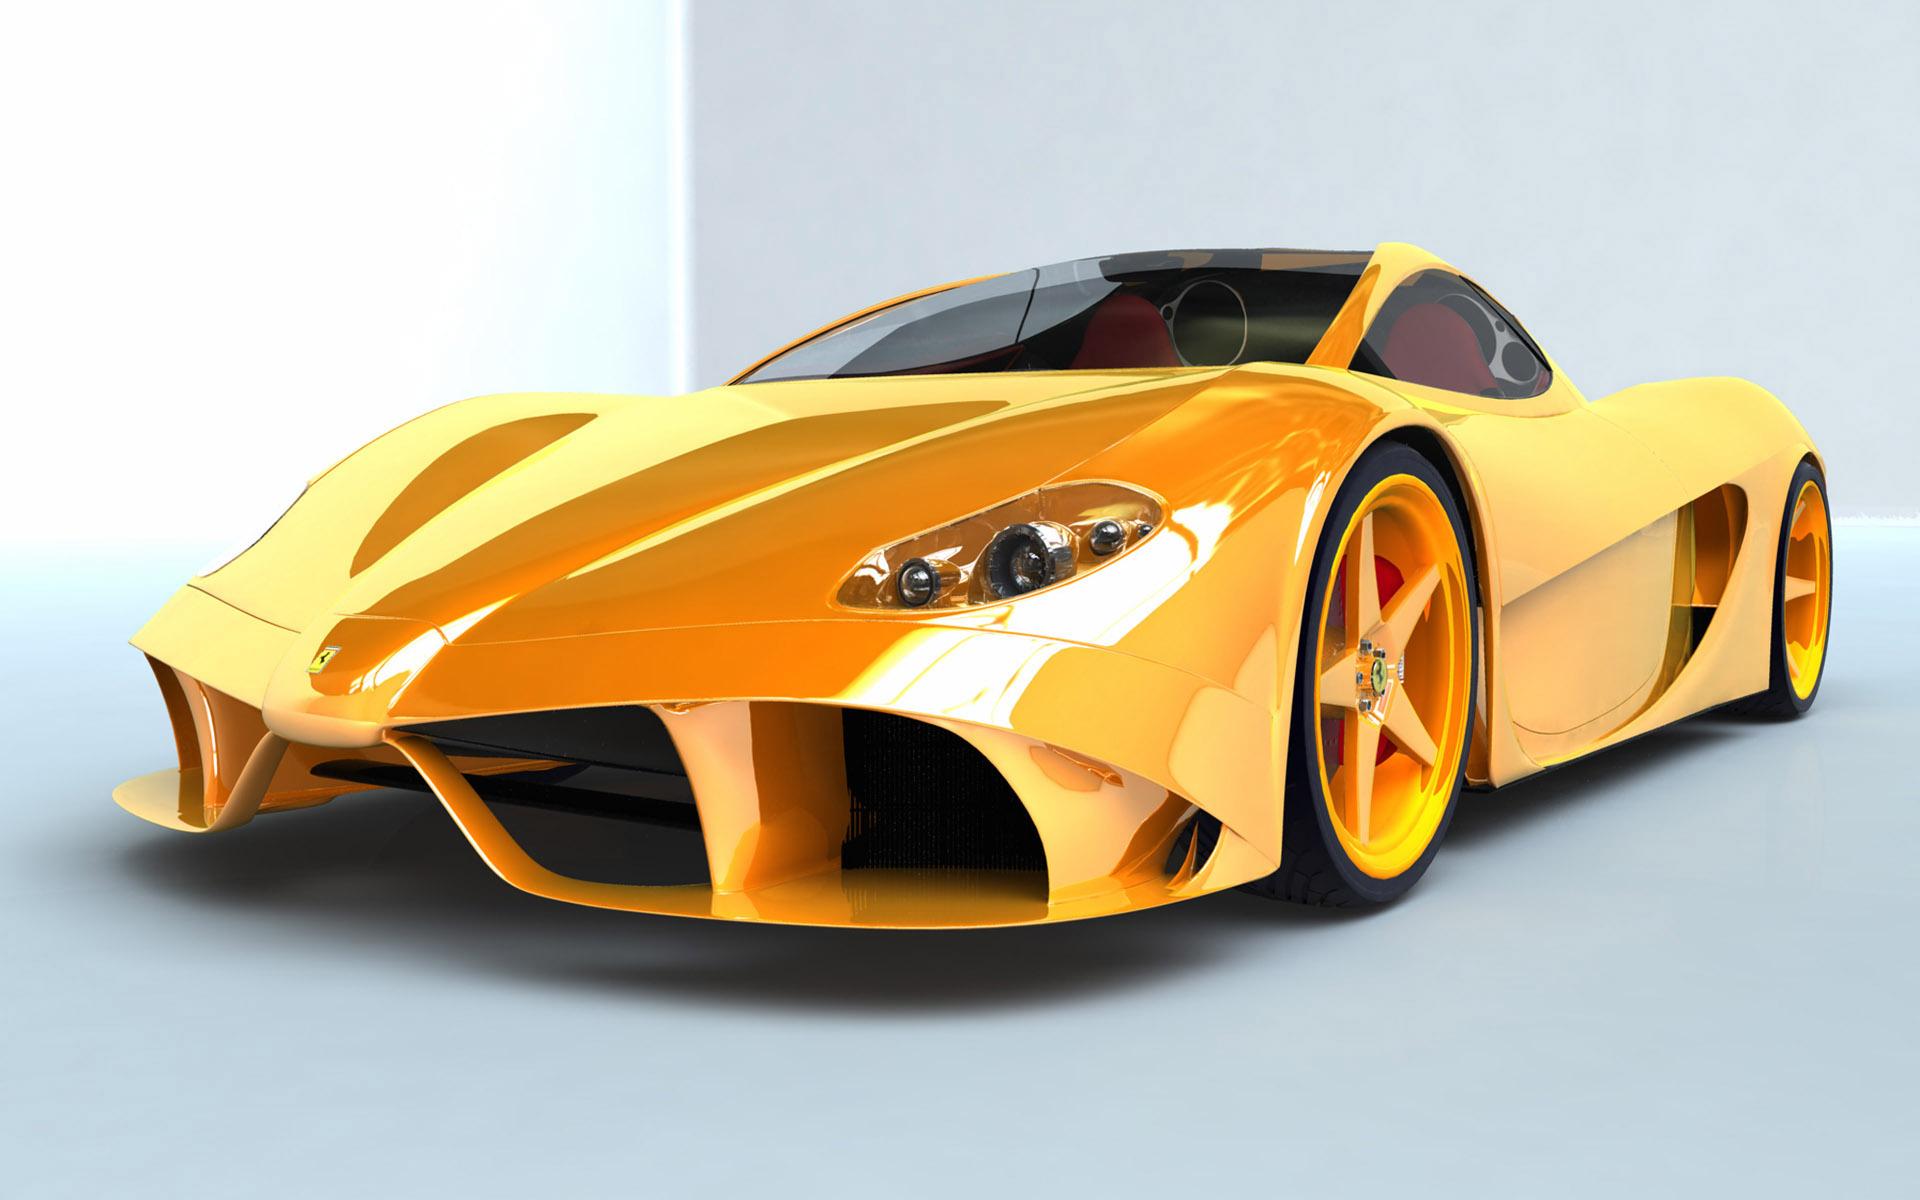 yellow car, желтая машина феррари, скачать фото, обои для рабочего стола